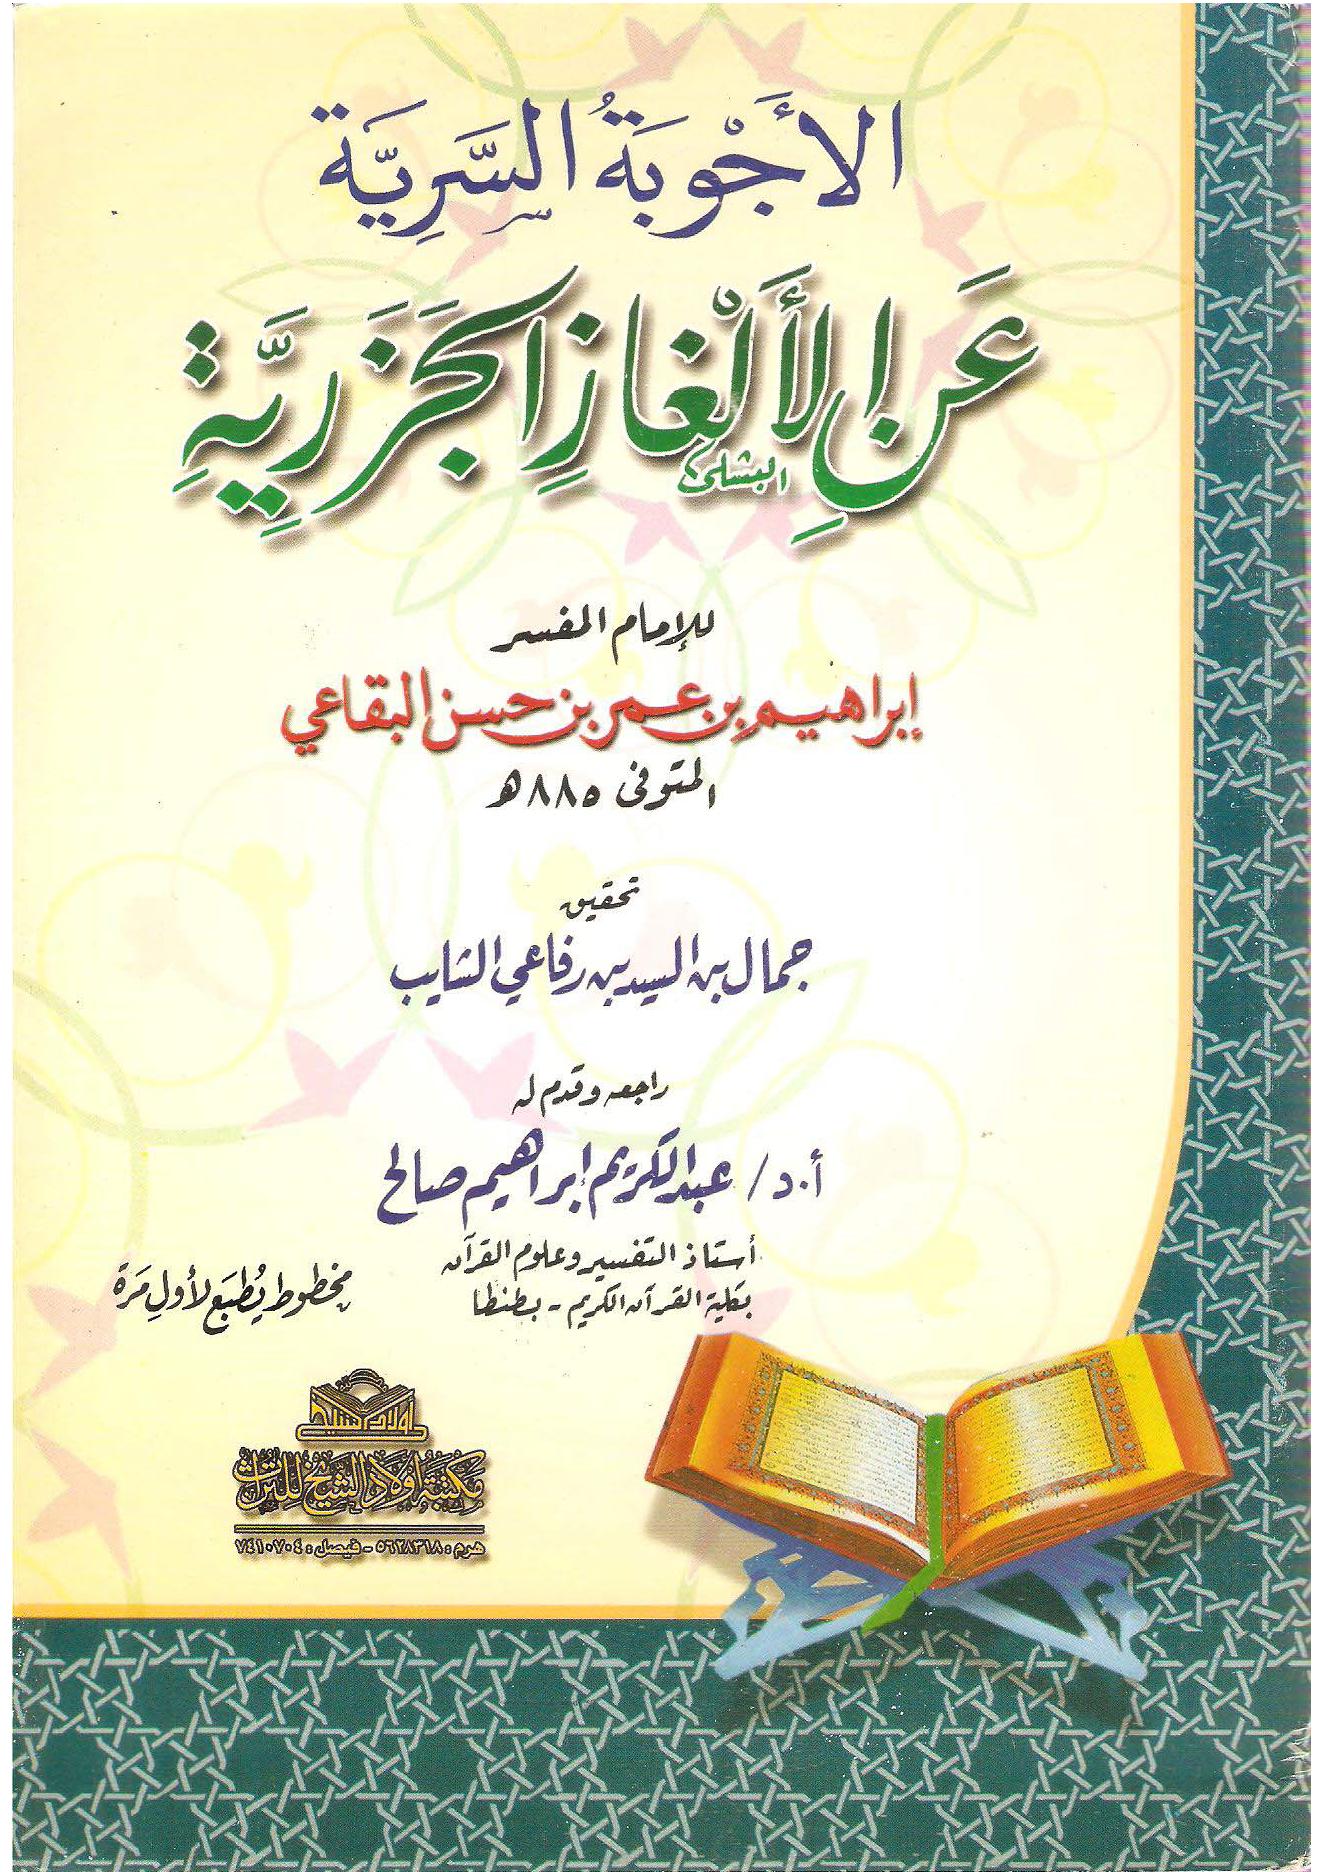 تحميل كتاب الأجوبة السرية عن الألغاز الجزرية لـِ: الإمام أبو الحسن برهان الدين إبراهيم بن عمر بن حسن البقاعي (ت 885)